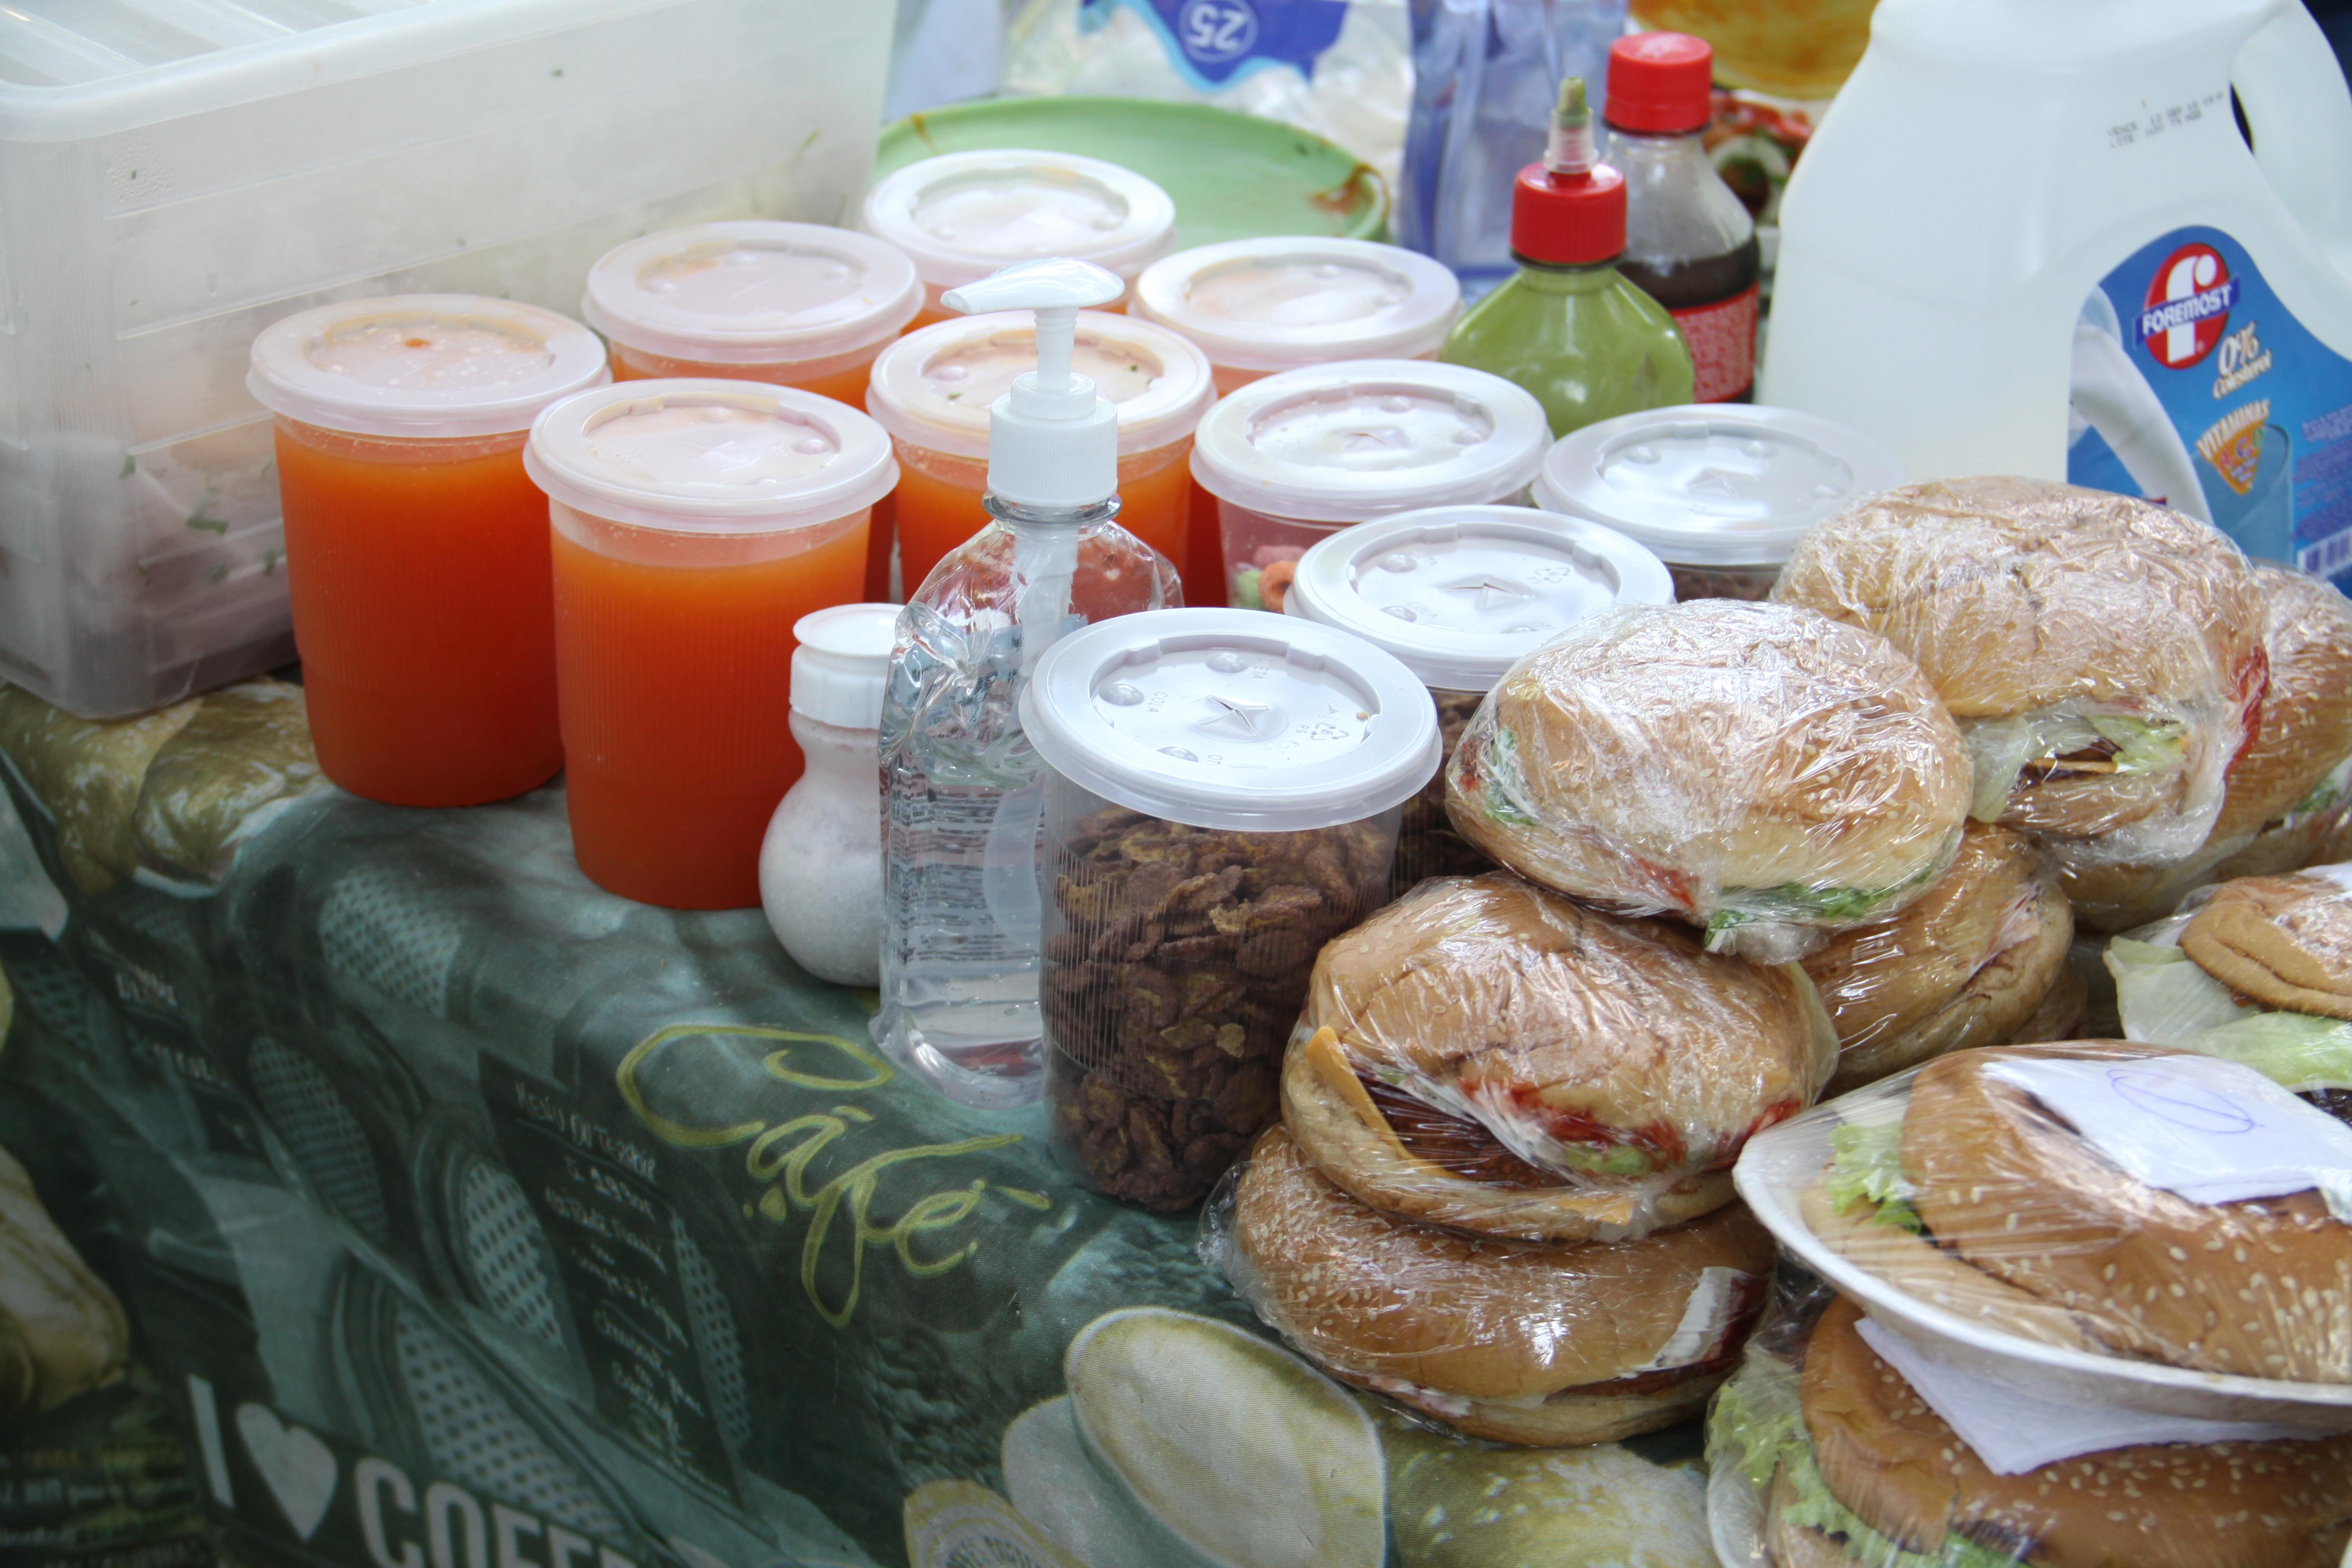 Los puestos de comida son los que más abundan. Fotografía de Elio Morales